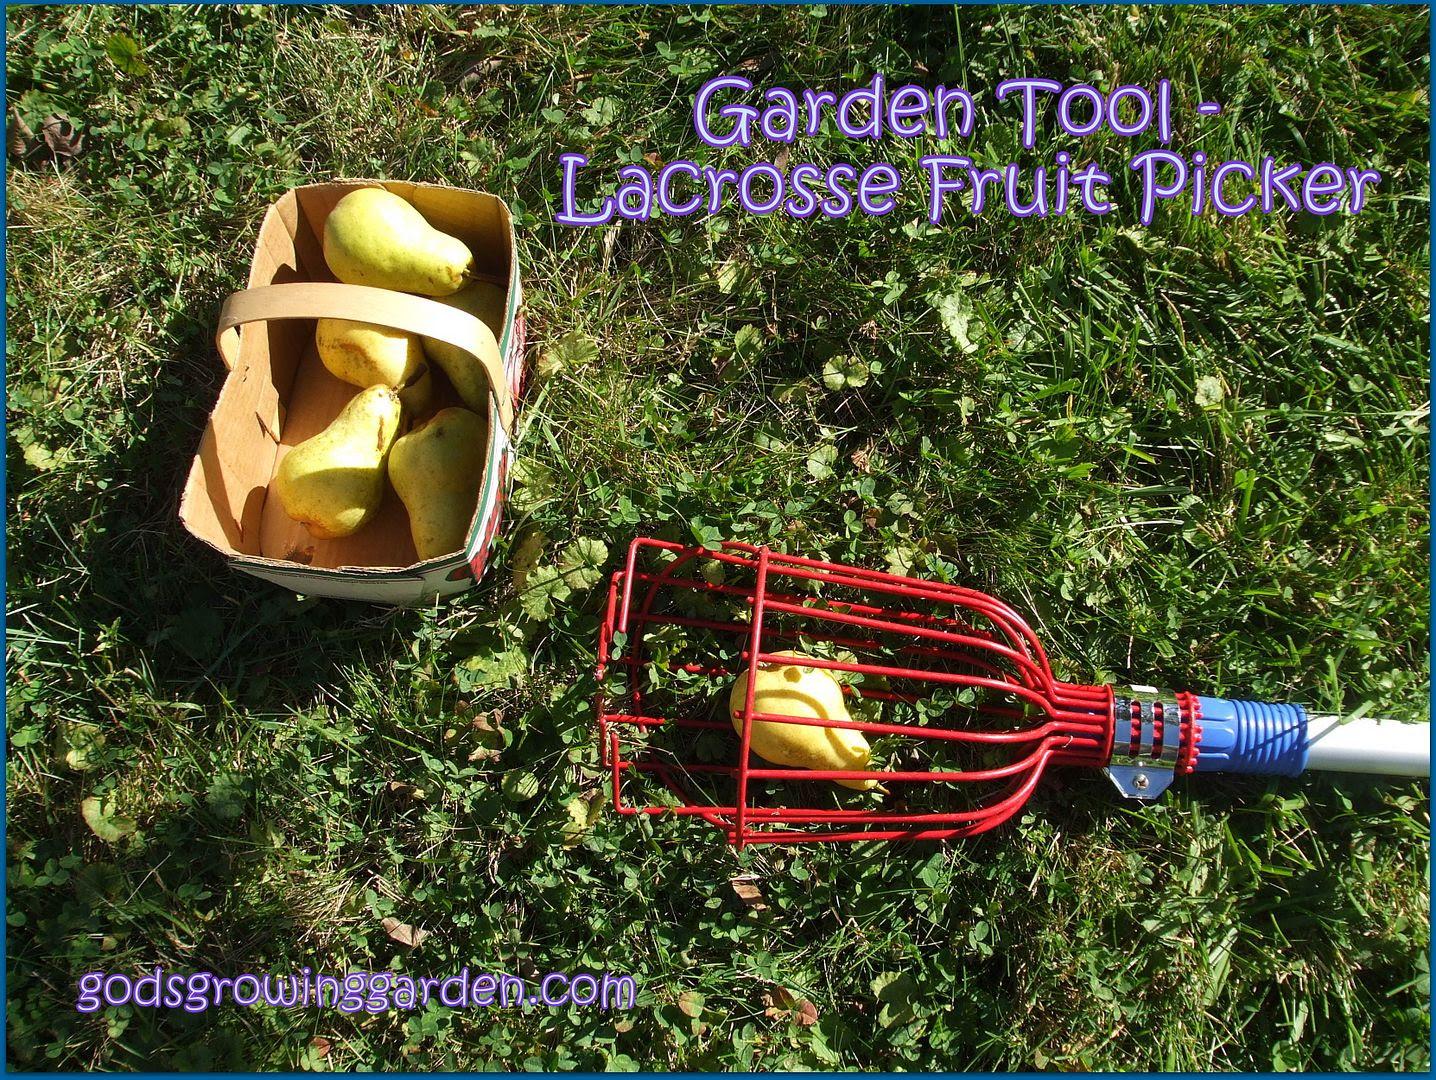 Lacrosse Fruit Picker by Angie Ouellette-Tower for godsgrowinggarden.com photo DSCF0756_zps8e645031.jpg